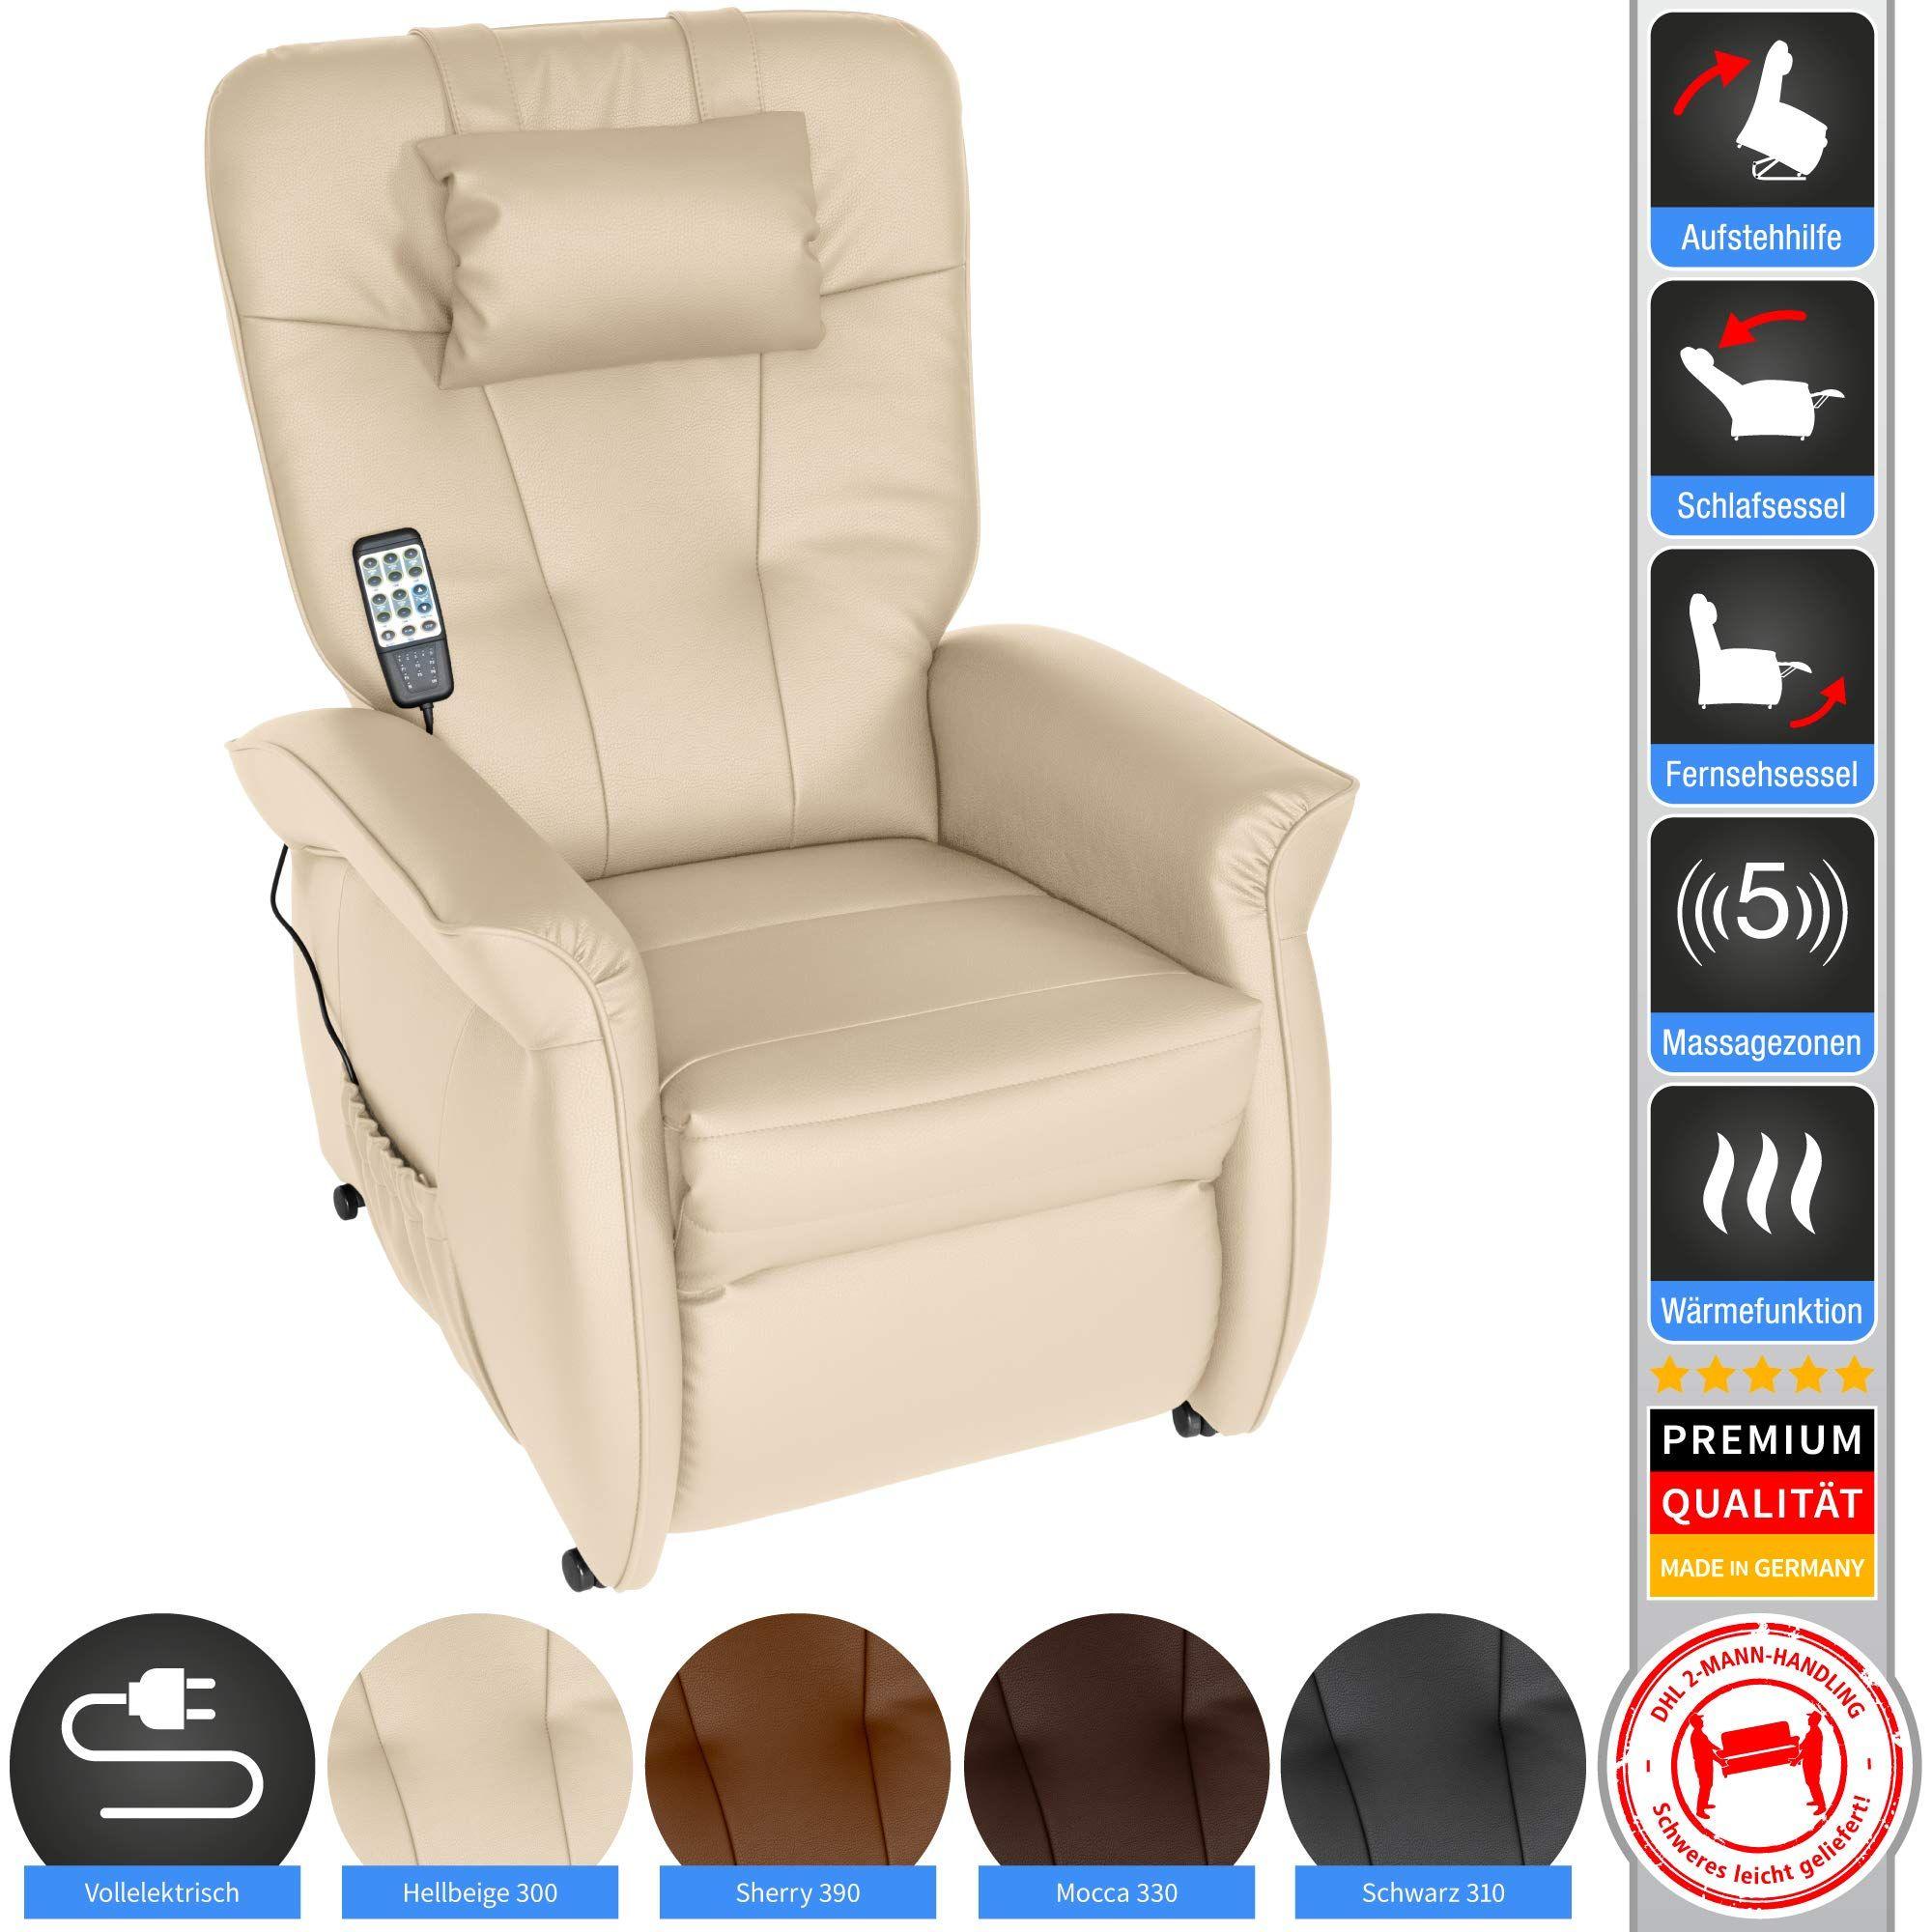 Throner Exklusiv Massagesessel Mit Elektr Aufstehhilfe 5 Zonen Massage In Hellbeige Tv Sessel Mit Liegefunktion We In 2020 Electric Massage Chair Chair